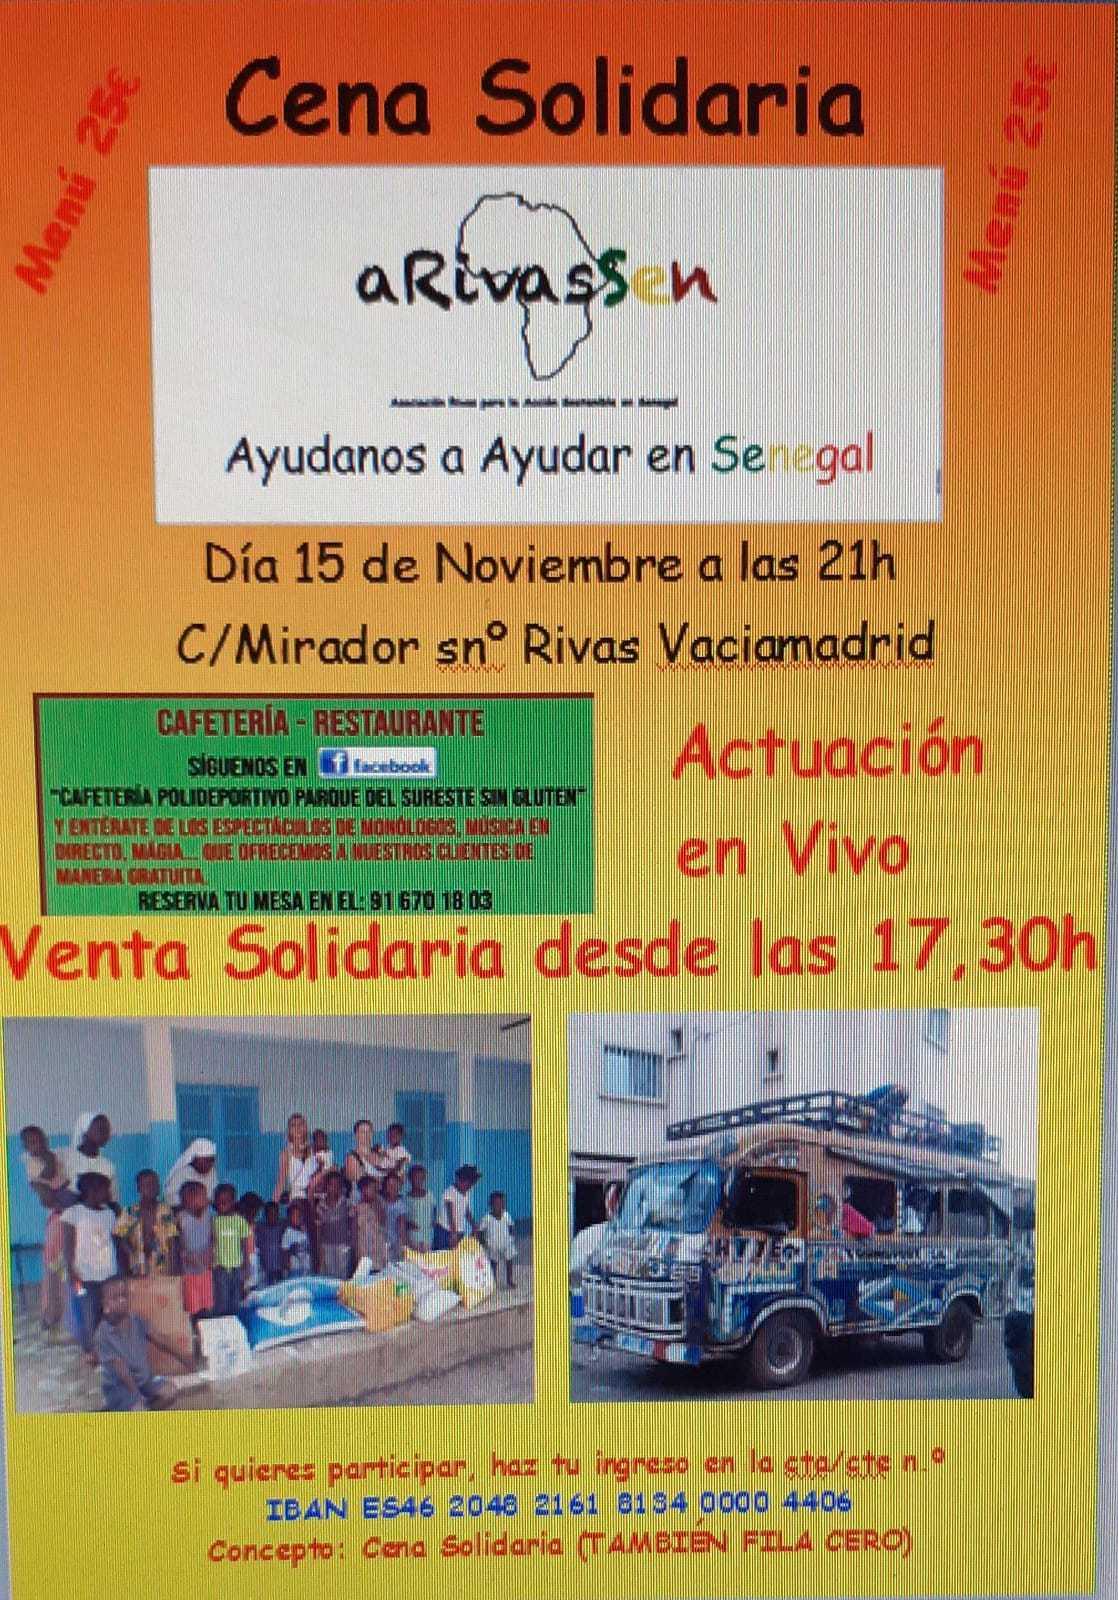 Cena solidaria A Rivas Sen